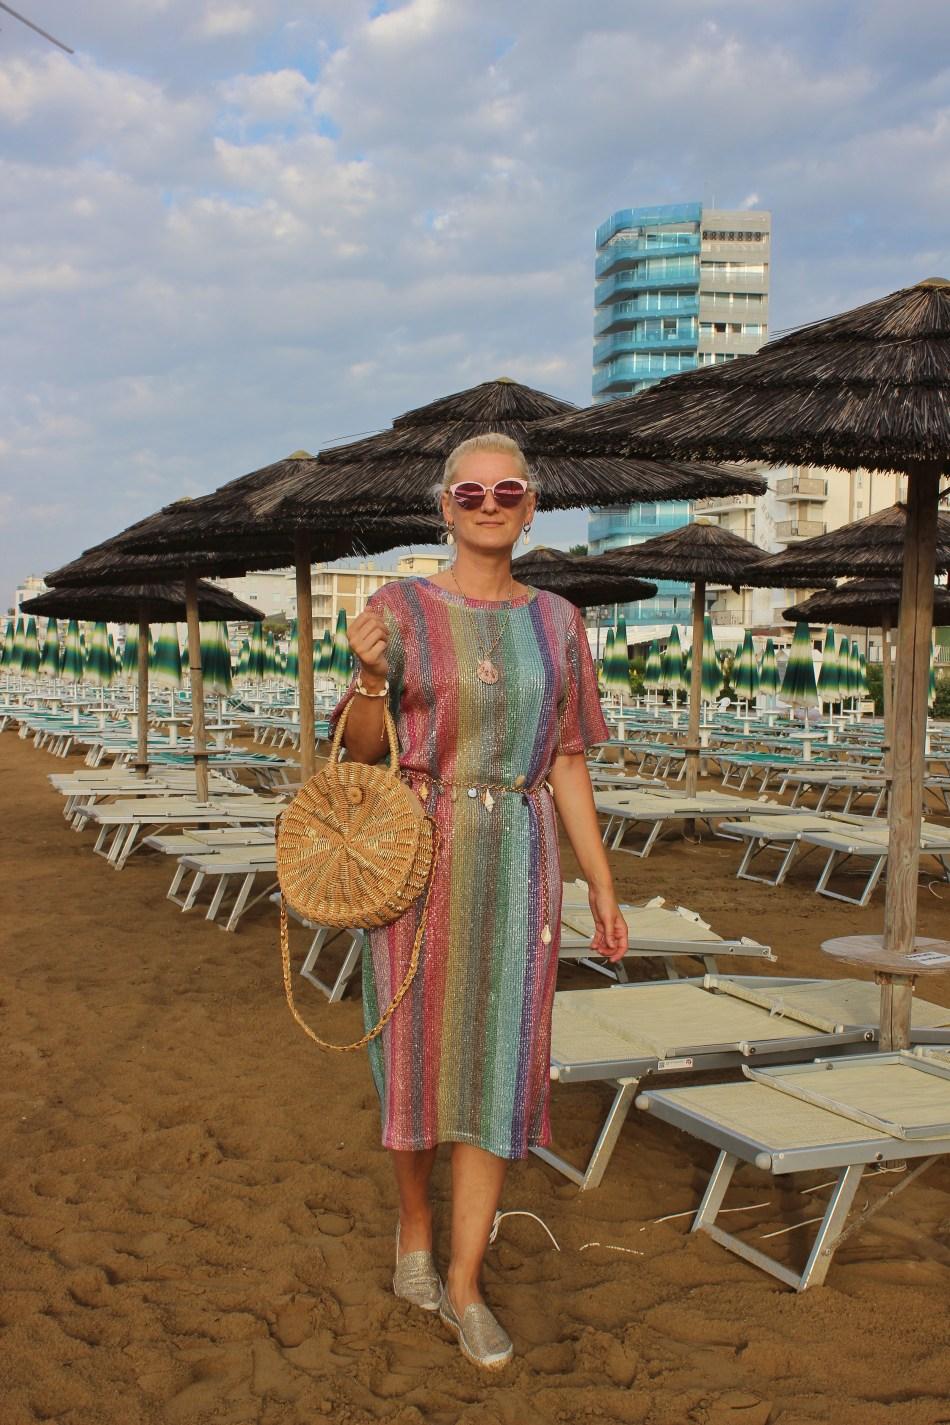 Stripes-Striped-Dress-Summerdress-Sommerkleid-Runde-Korbtasche-Espadrilles-Muschelgürtel-carrieslifestyle-Tamara-Prutsch-STtrandlook-Beachlook